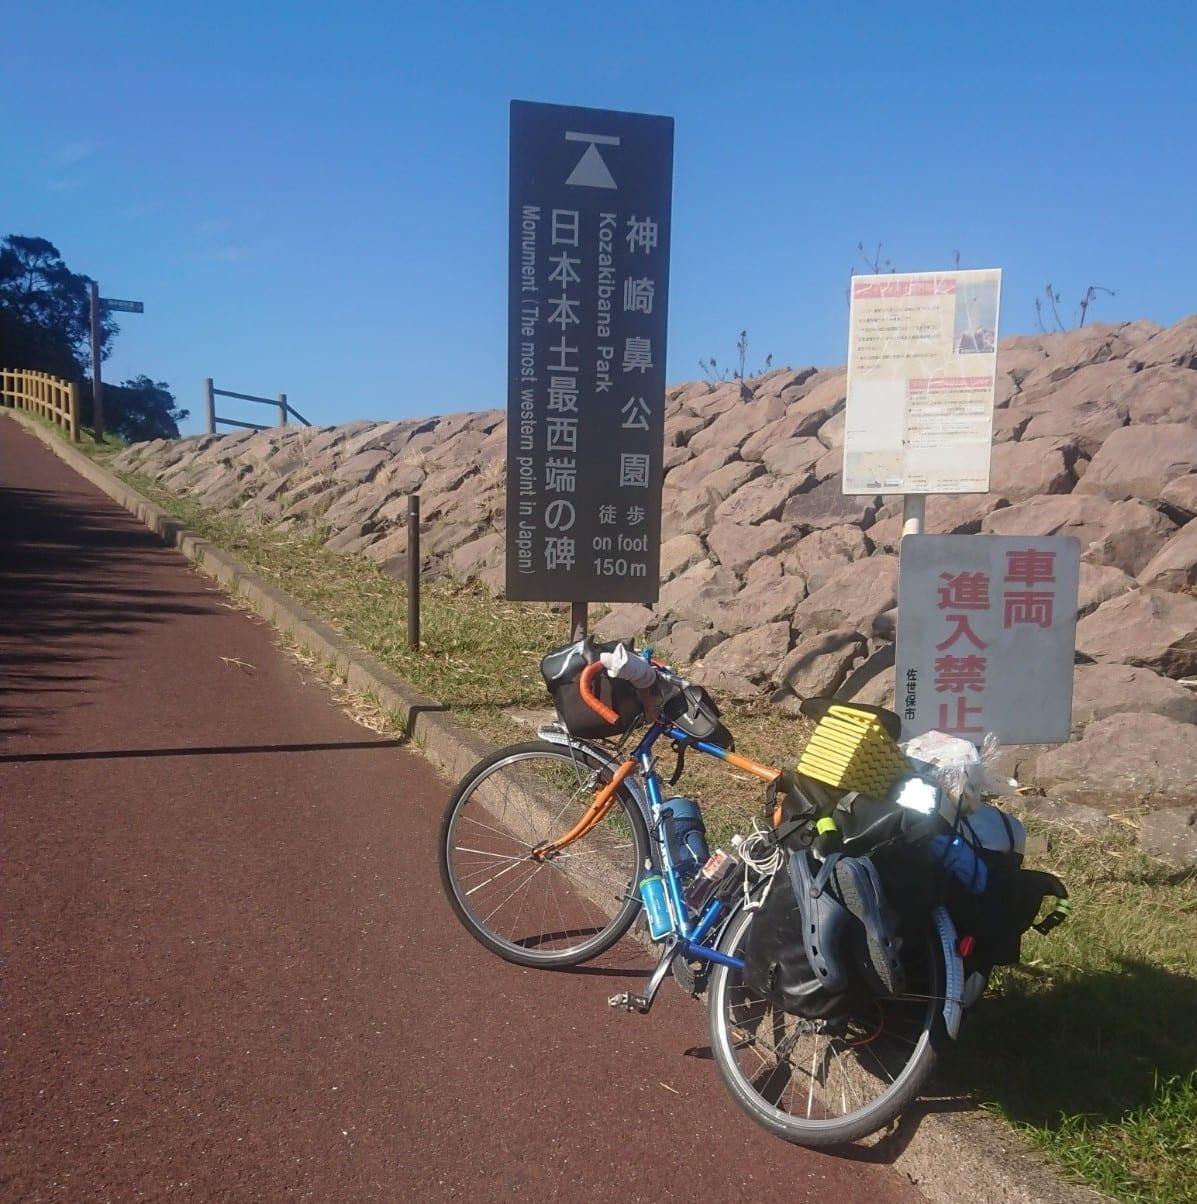 日本本土最西端「神崎鼻公園」(長崎県佐世保市)